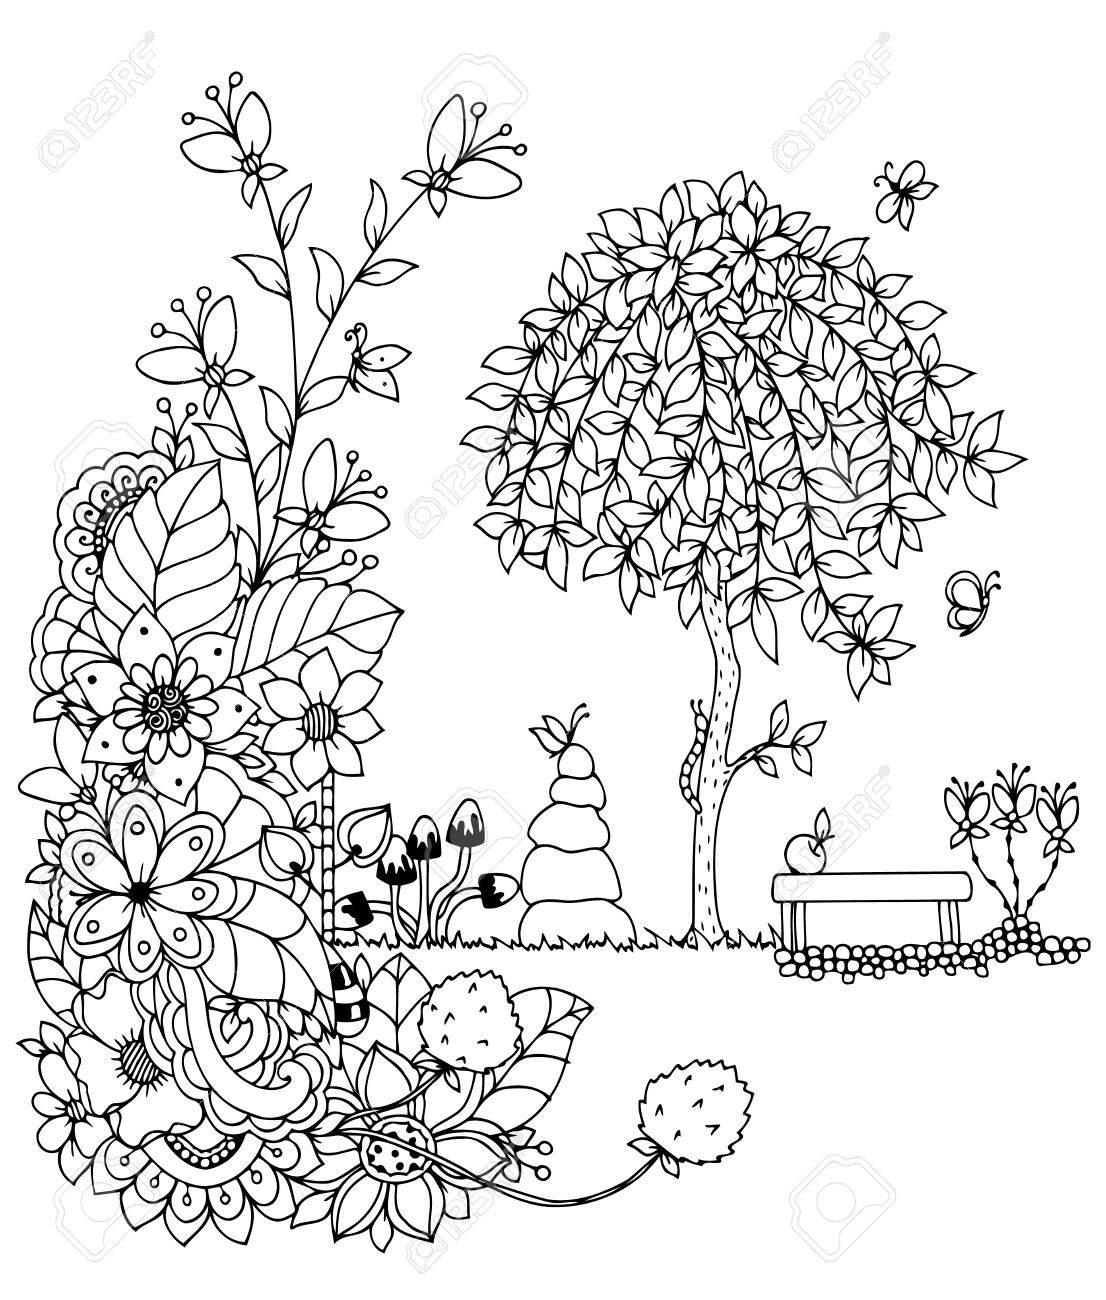 Ansprechend Bilder Malvorlage Baum Ideen Homeautodesign Com